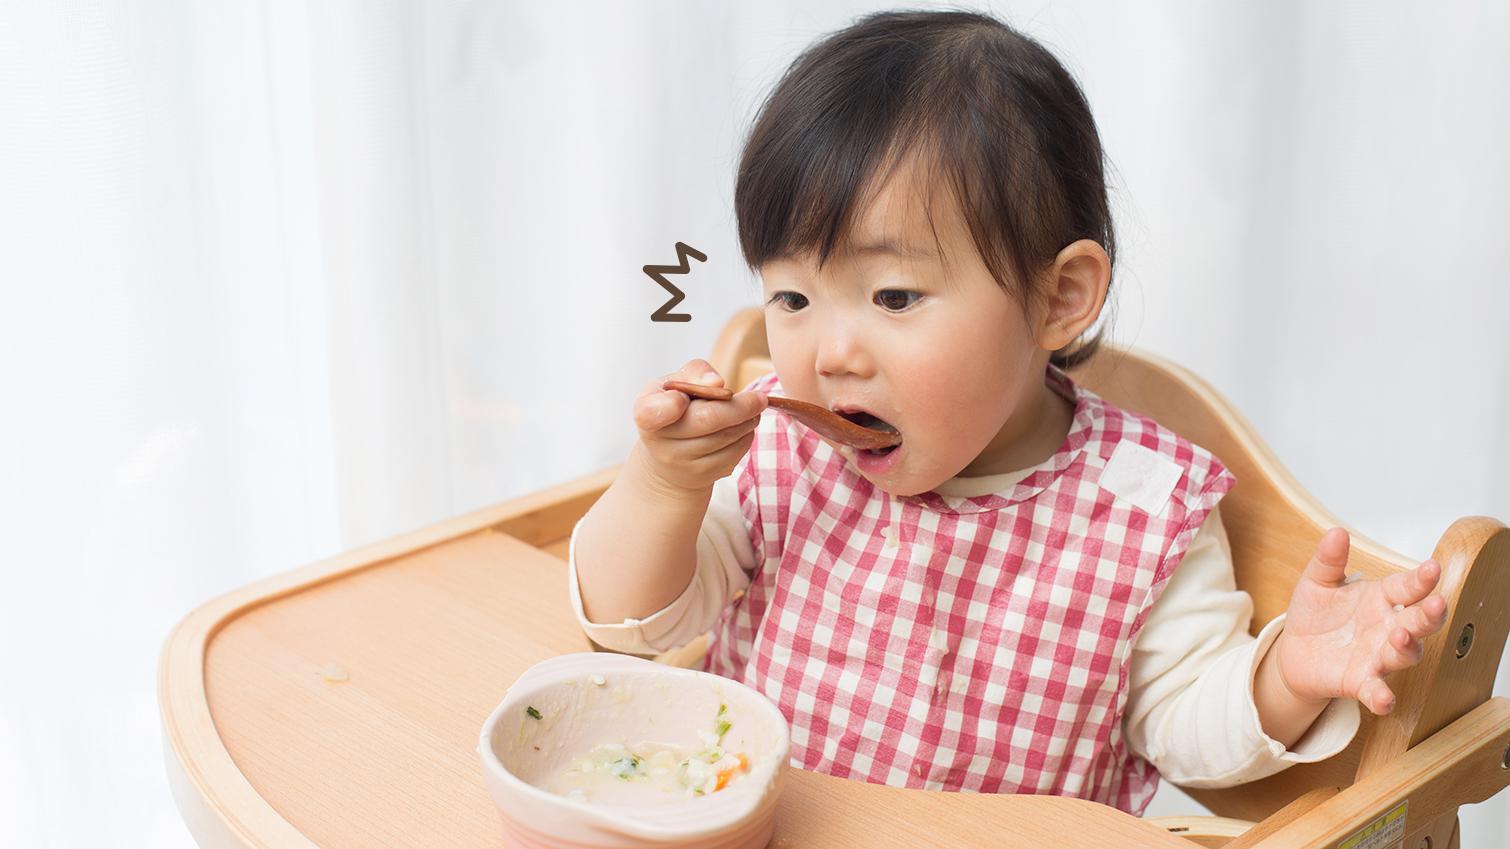 Si Kecil Terlalu Kurus 5 Makanan Ini Bisa Bantu Balita Cepat